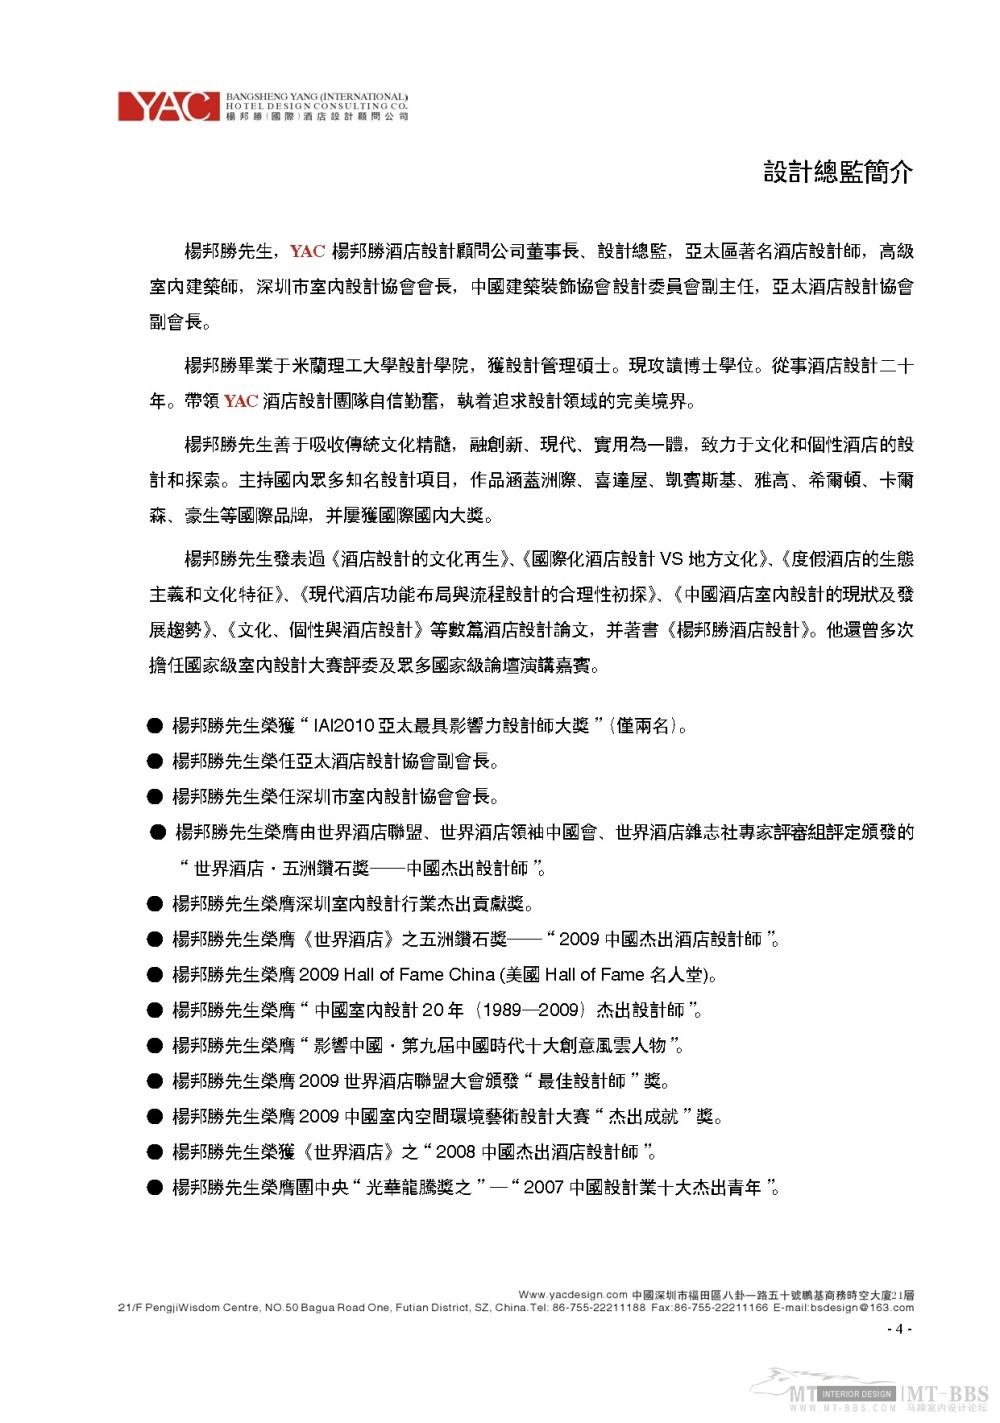 杨邦胜_2011.03.30YAC(国际)杨邦胜酒店设计顾问公司简介_页面_04.jpg